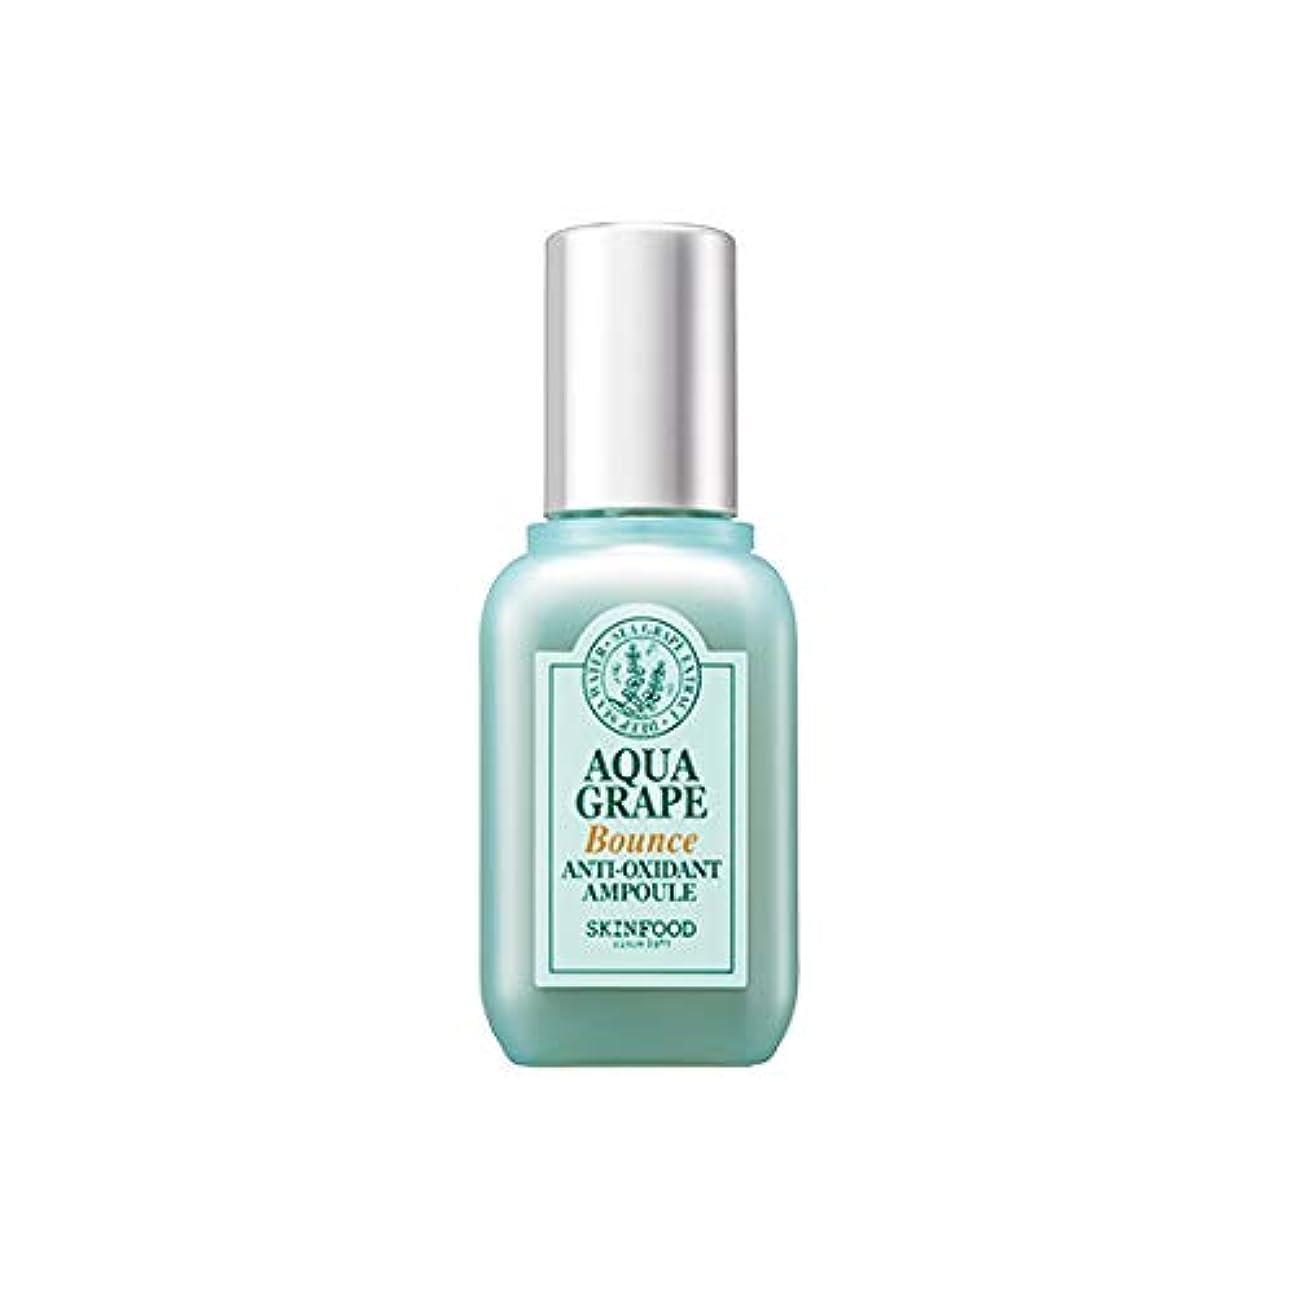 完璧パワーセル不要Skinfood Aqua Grape Bounce Anti Oxidant Ampoule/アクアグレープバウンスアンチオキシダントアンプル/55g [並行輸入品]